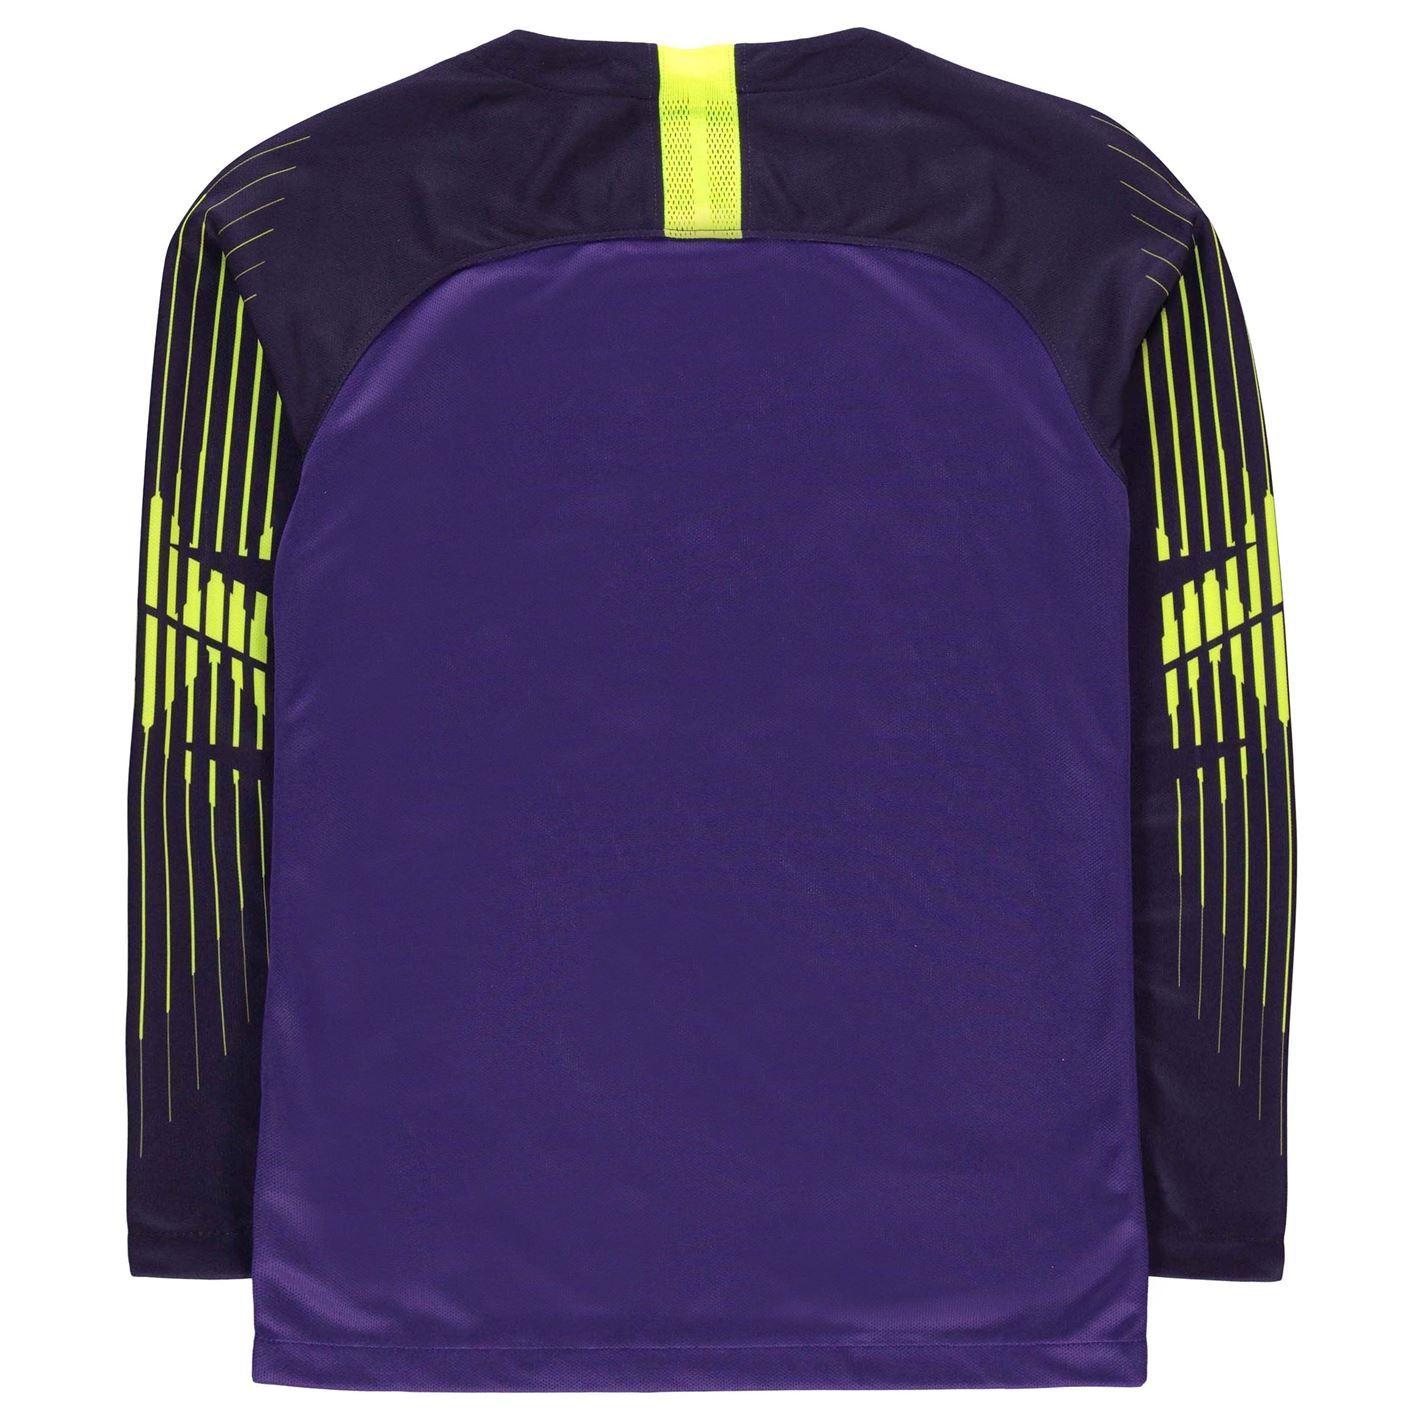 aec0580aa28 Nike Tottenham Hotspur Goalkeeper Jersey 2018 19 Juniors Purple Football  Soccer